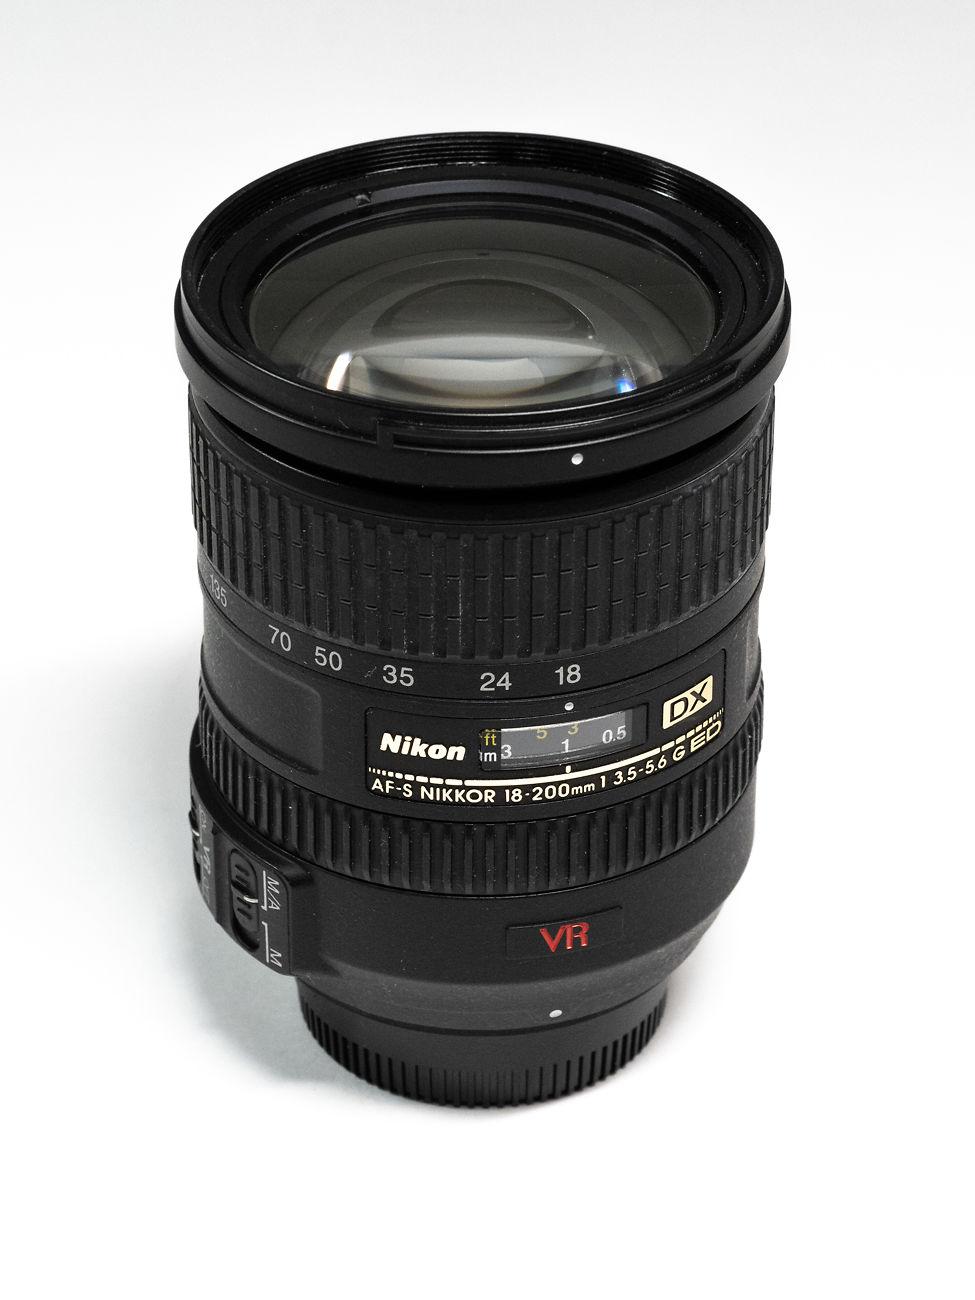 Complete Nikon Professional Kit - 6 Lenses, Flash & DSLR Image